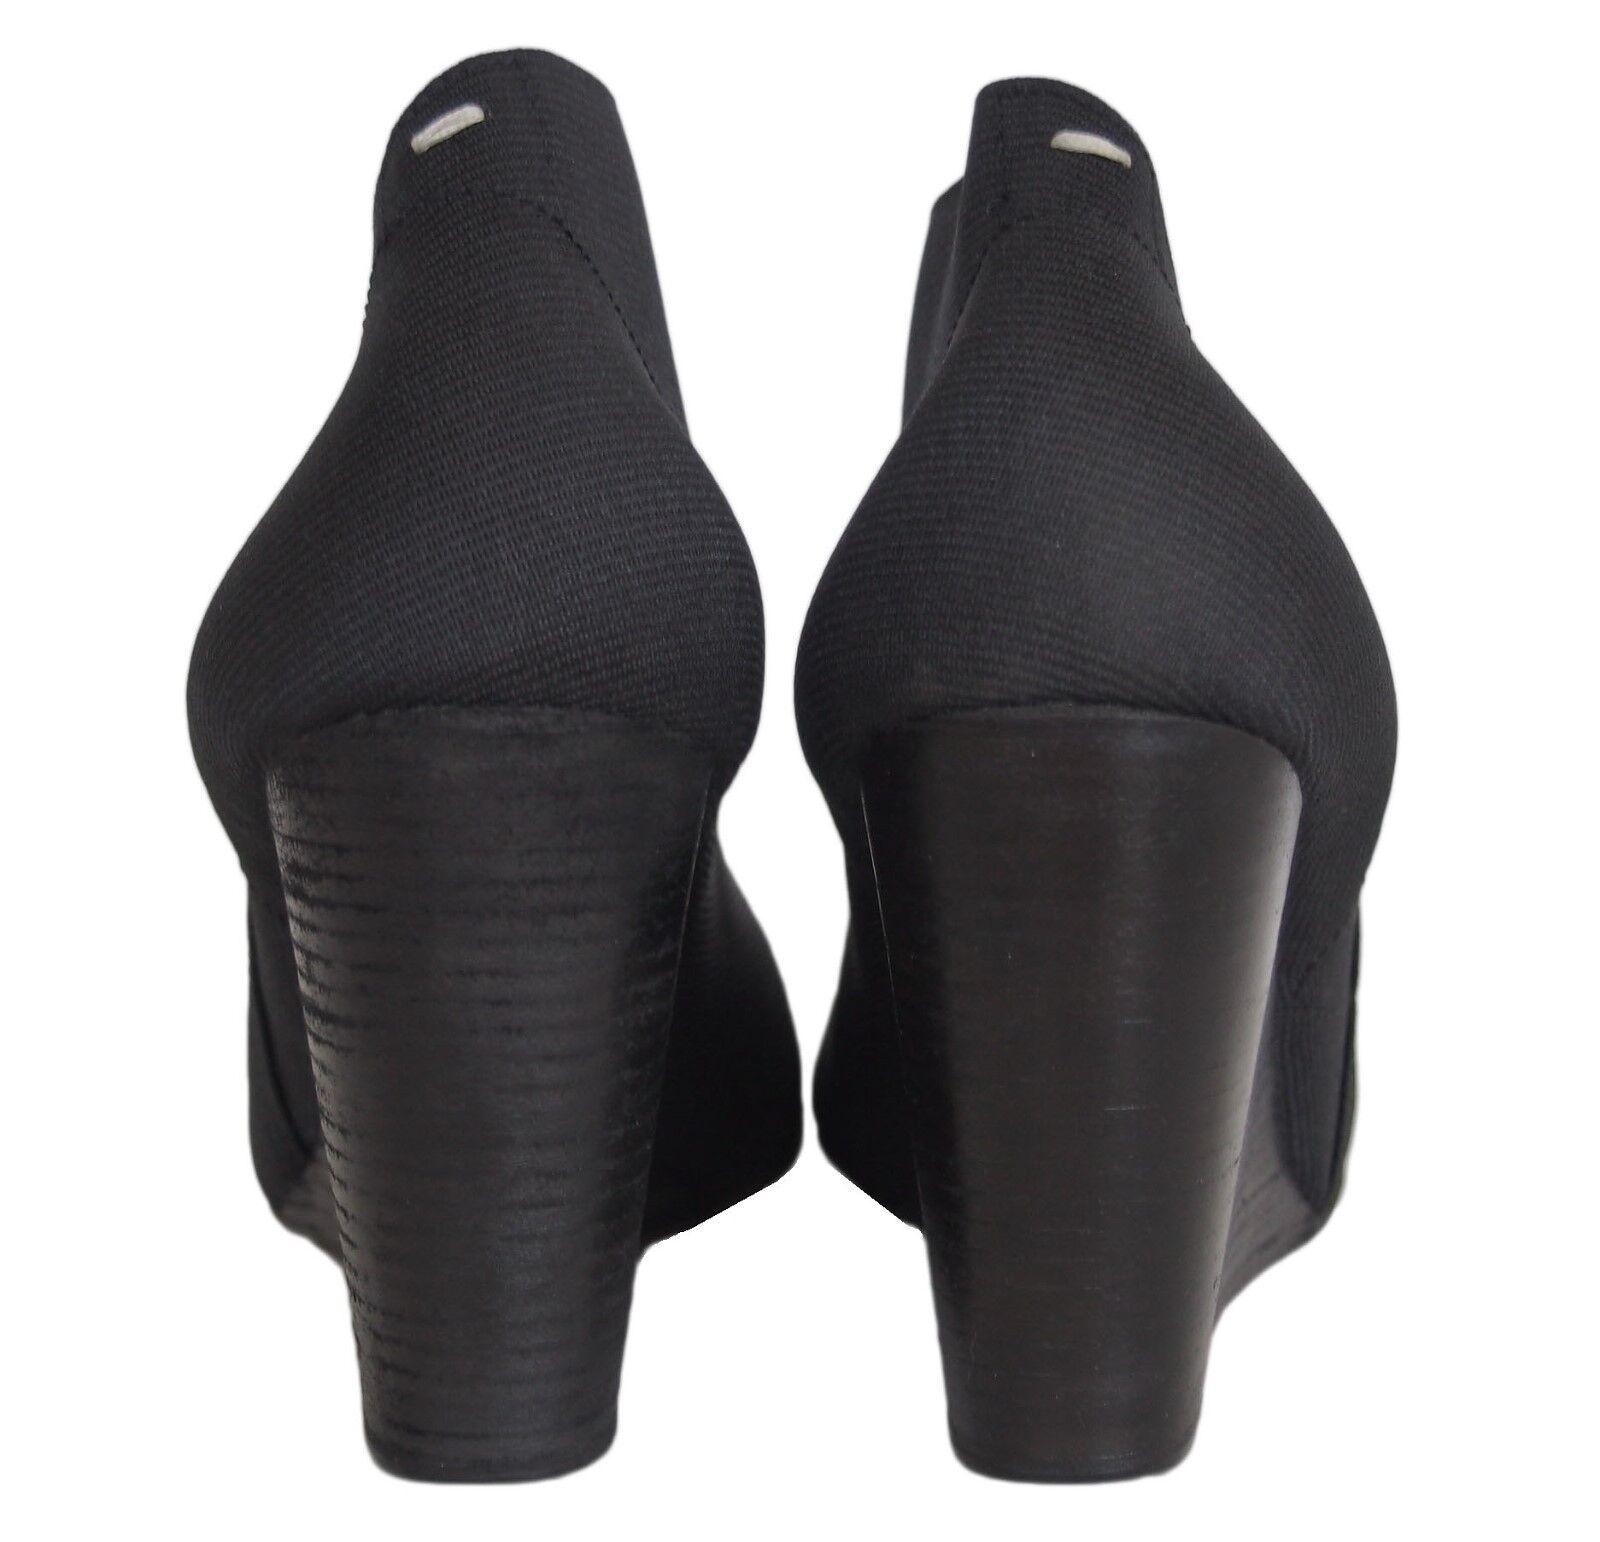 Maison Martin Margiela Women's Wedge Shoes Black … - image 6